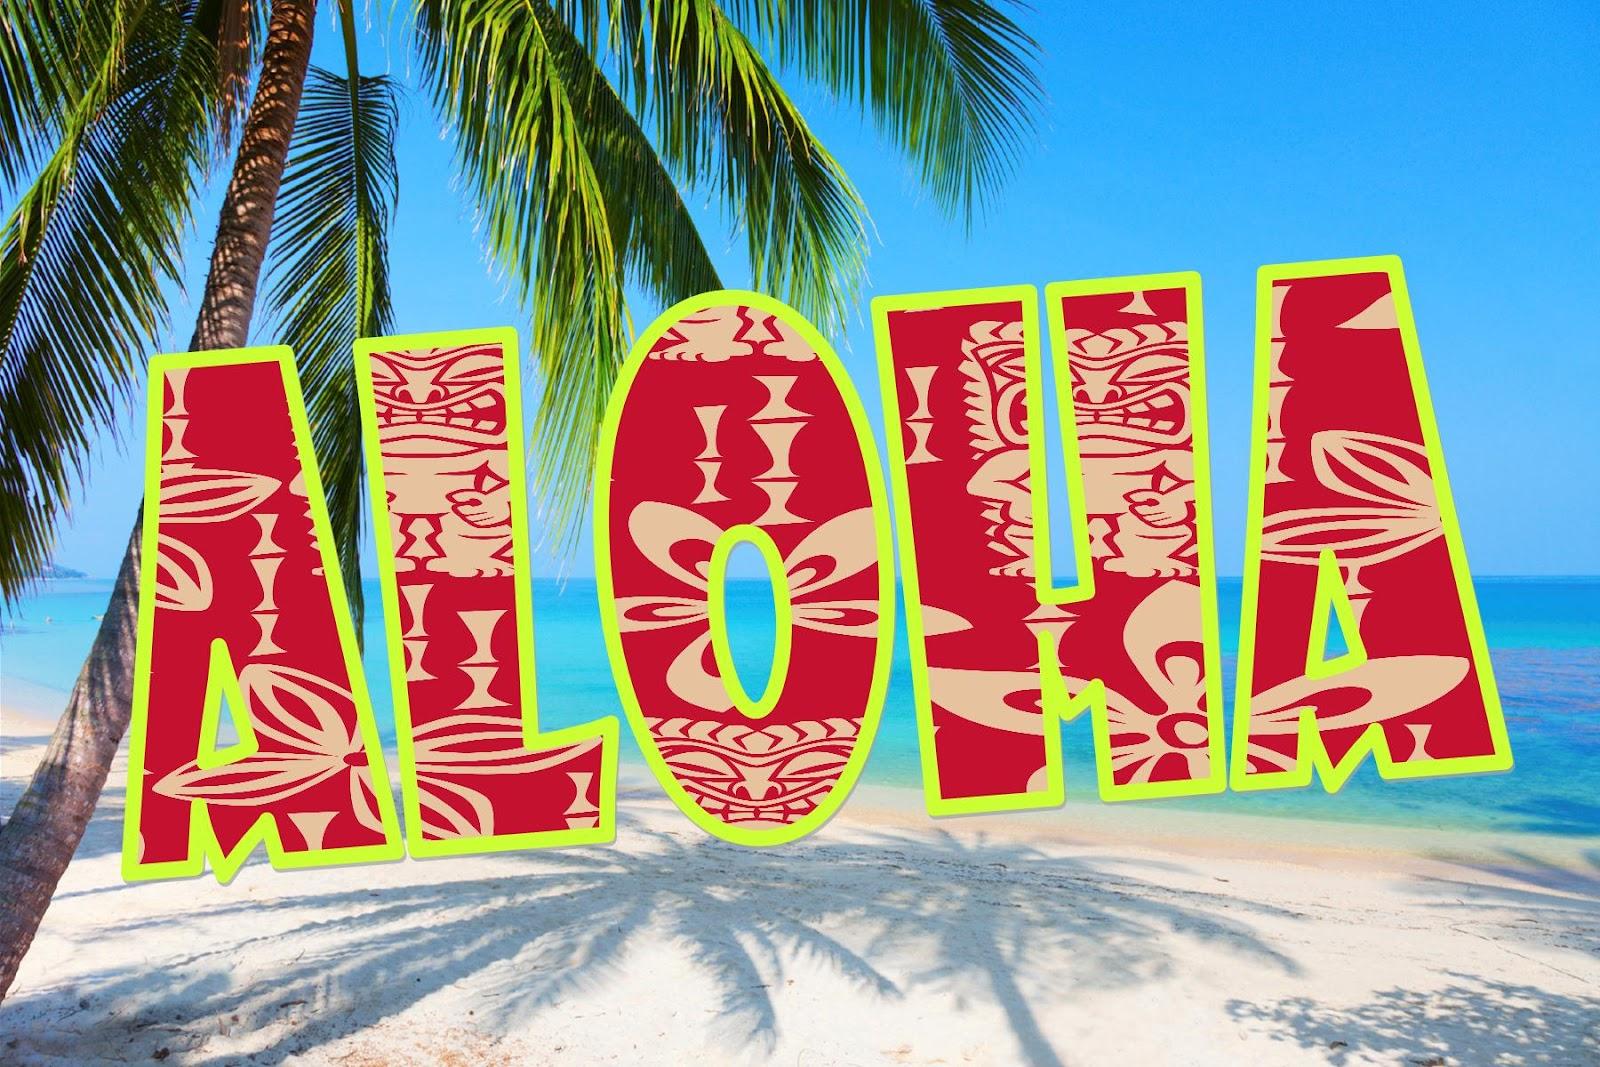 Aloha+Sunday odcmv e news archive